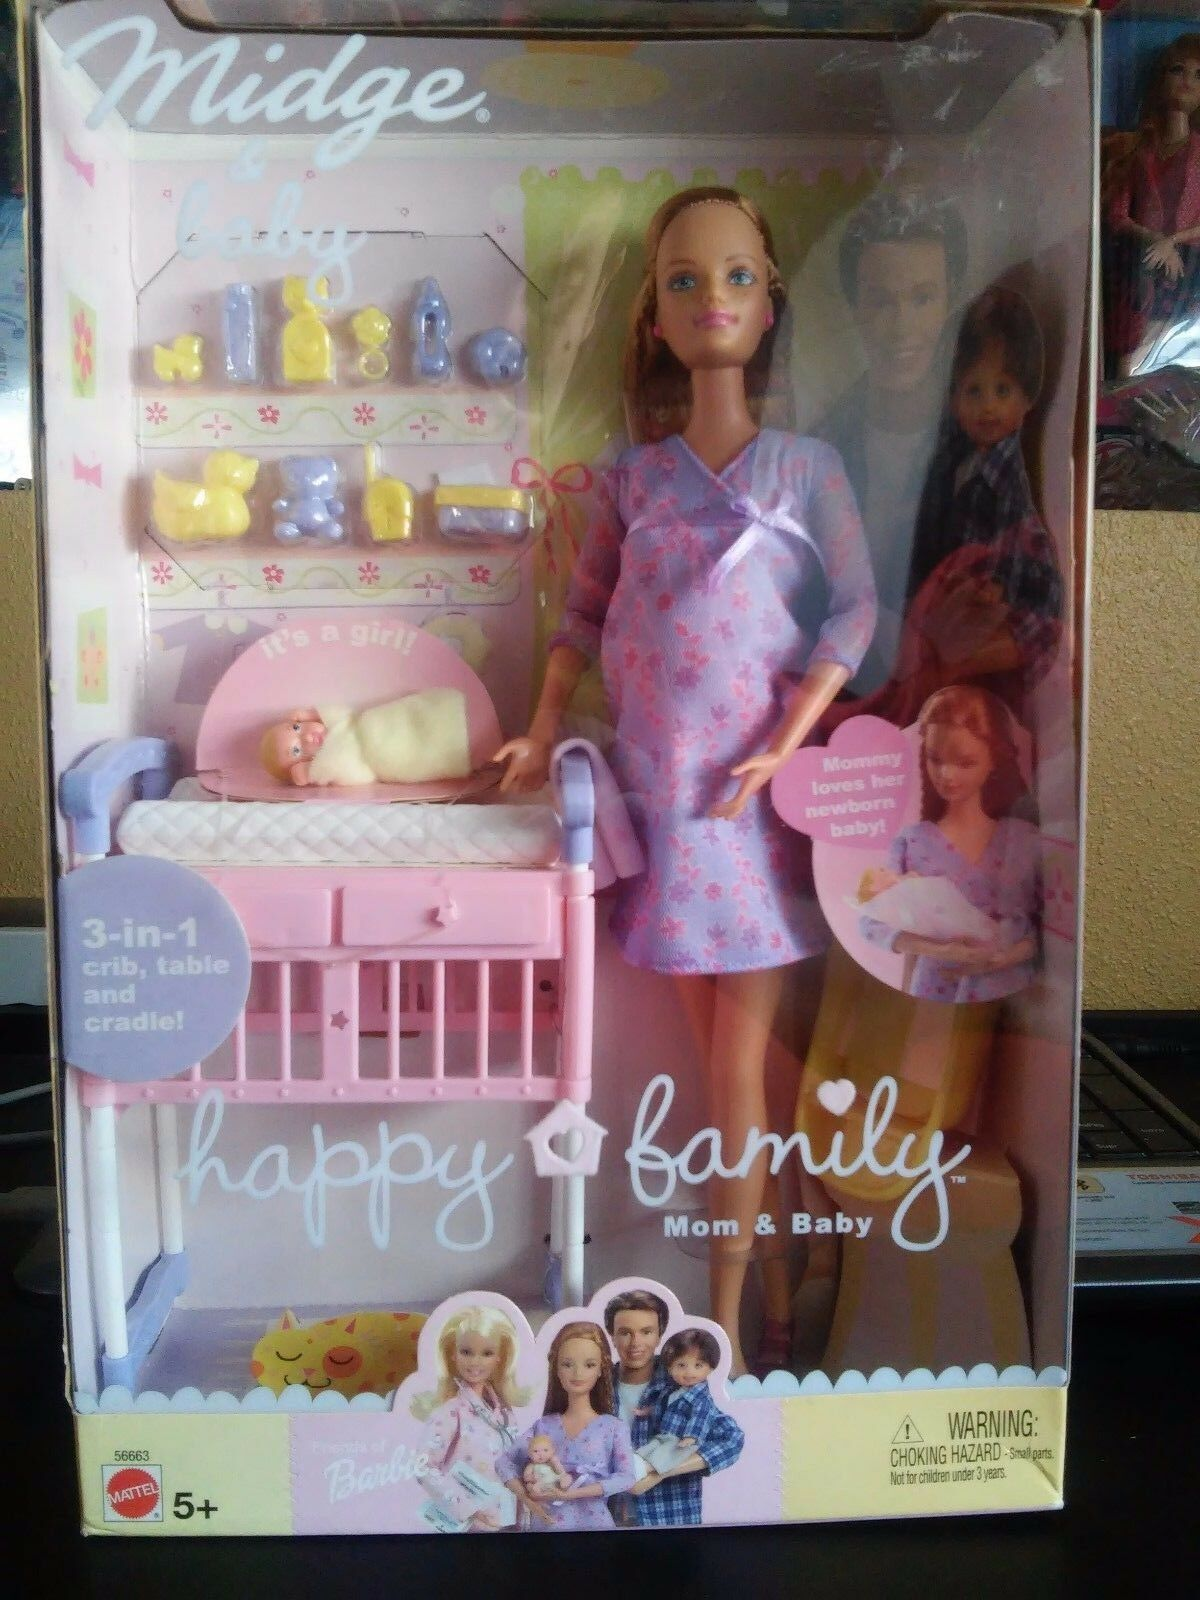 Barbie   midge&bambino happy family  centro commerciale di moda